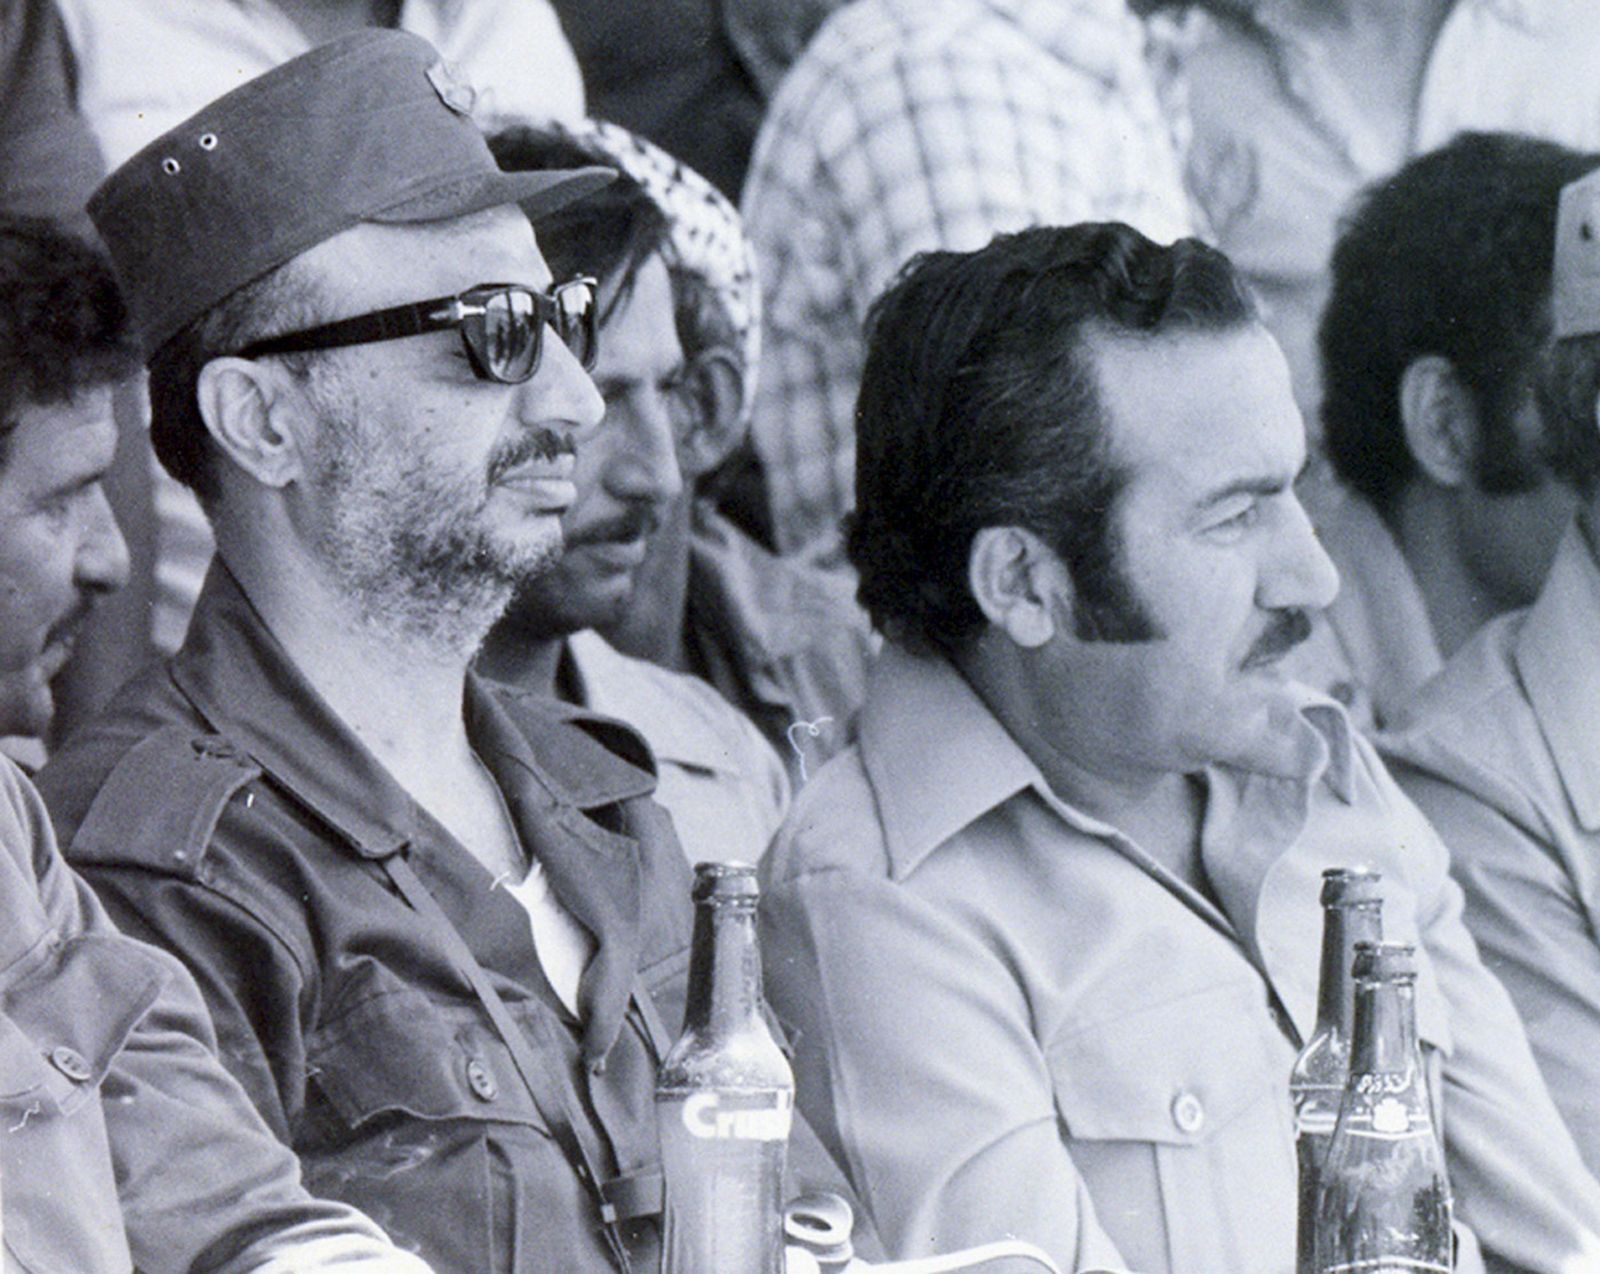 Jassir Arafat/Abu Dschihad